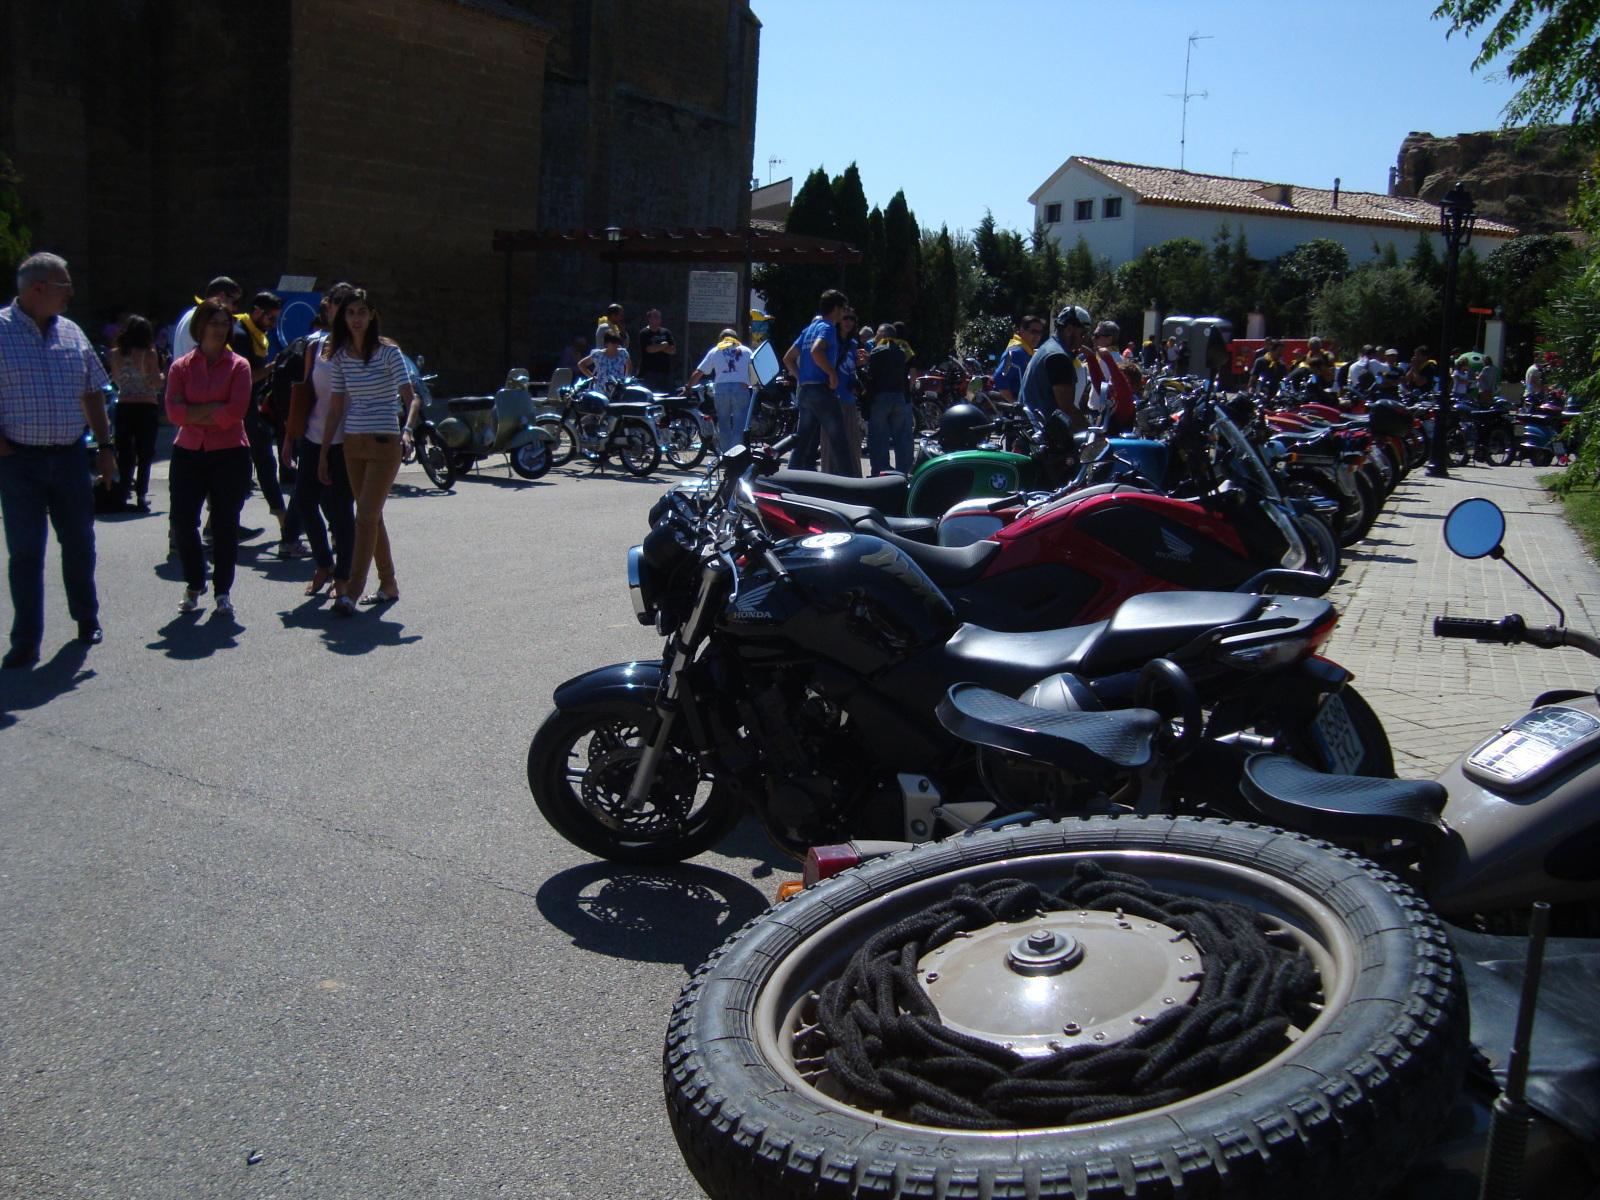 XI concentracion de motos antiguas en Alberuela de tubo (Huesca) Qnutr9